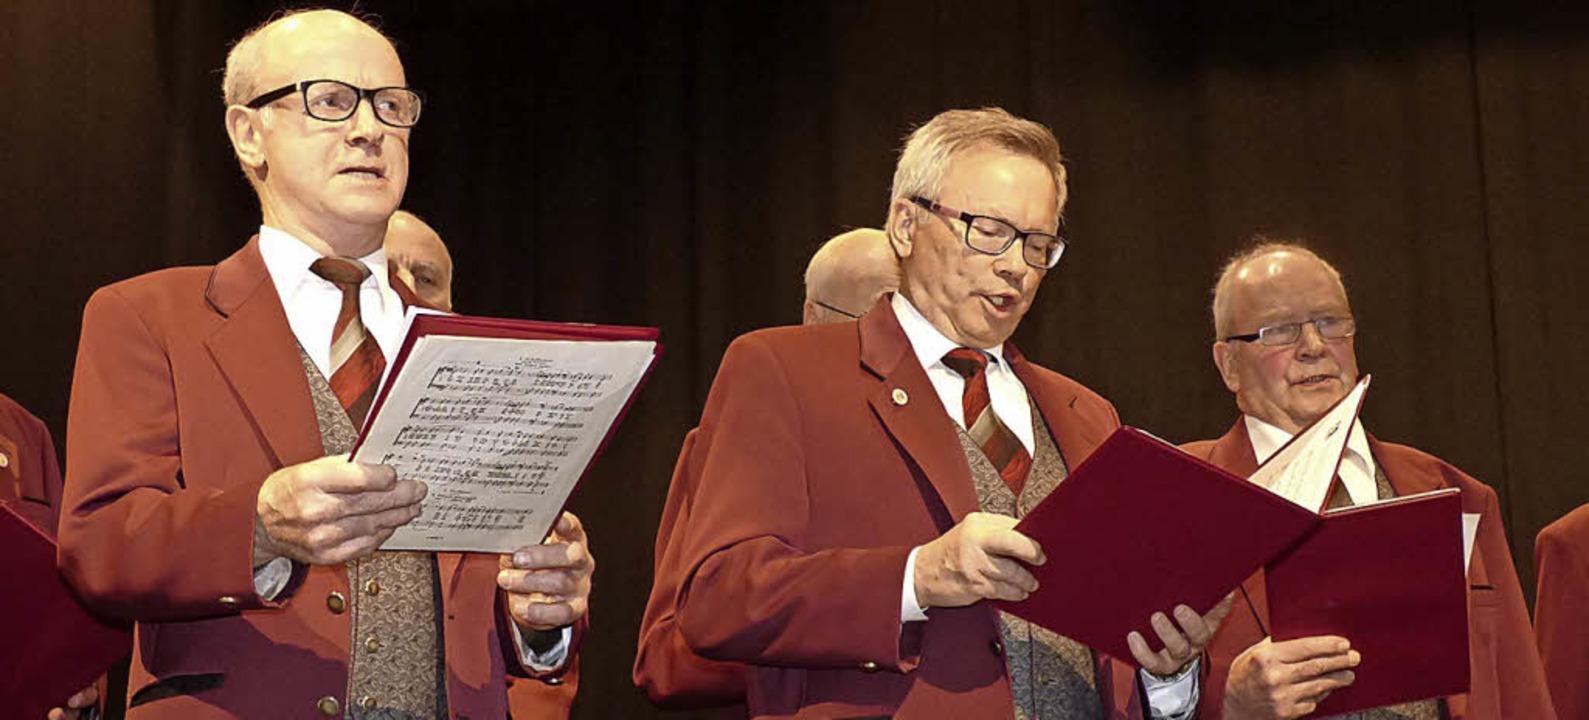 In doppelter Funktion unterwegs ist Bü...ederkranz-Sänger Jürgen Guse (Mitte).   | Foto: Rainer Bombardi